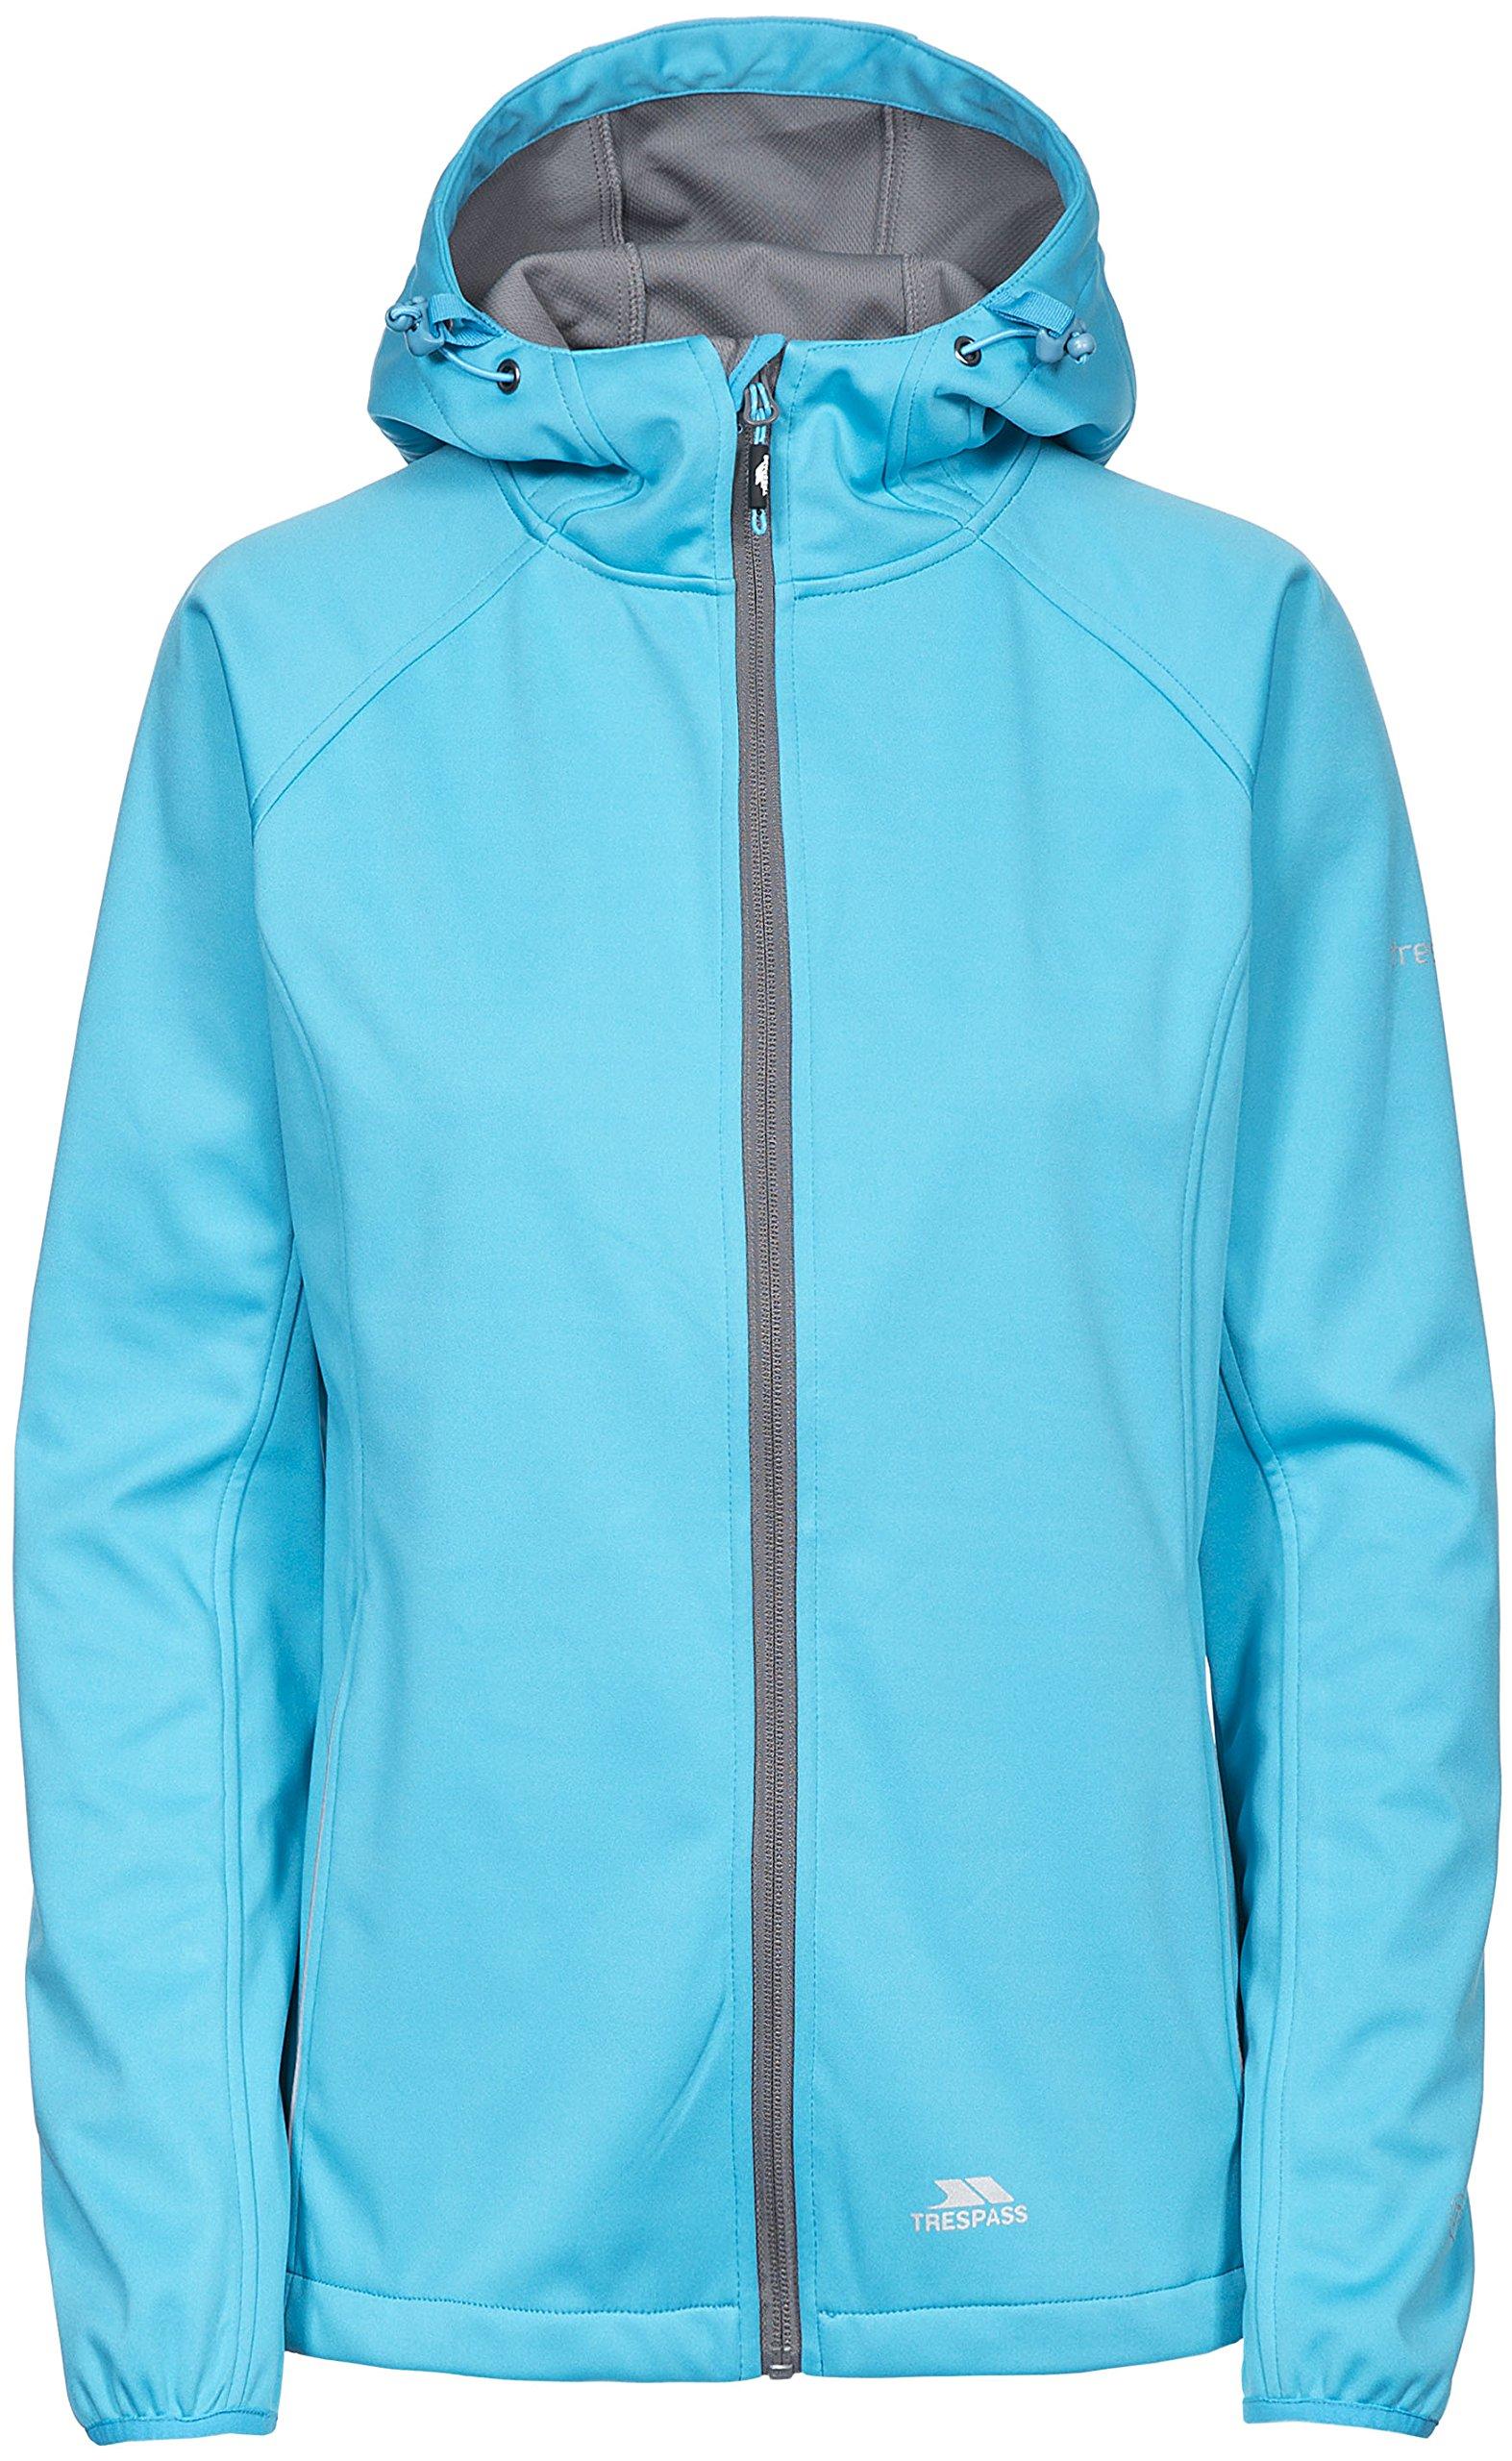 91Mvz6fmKtL - Trespass Women's Sisely Softshell Jacket